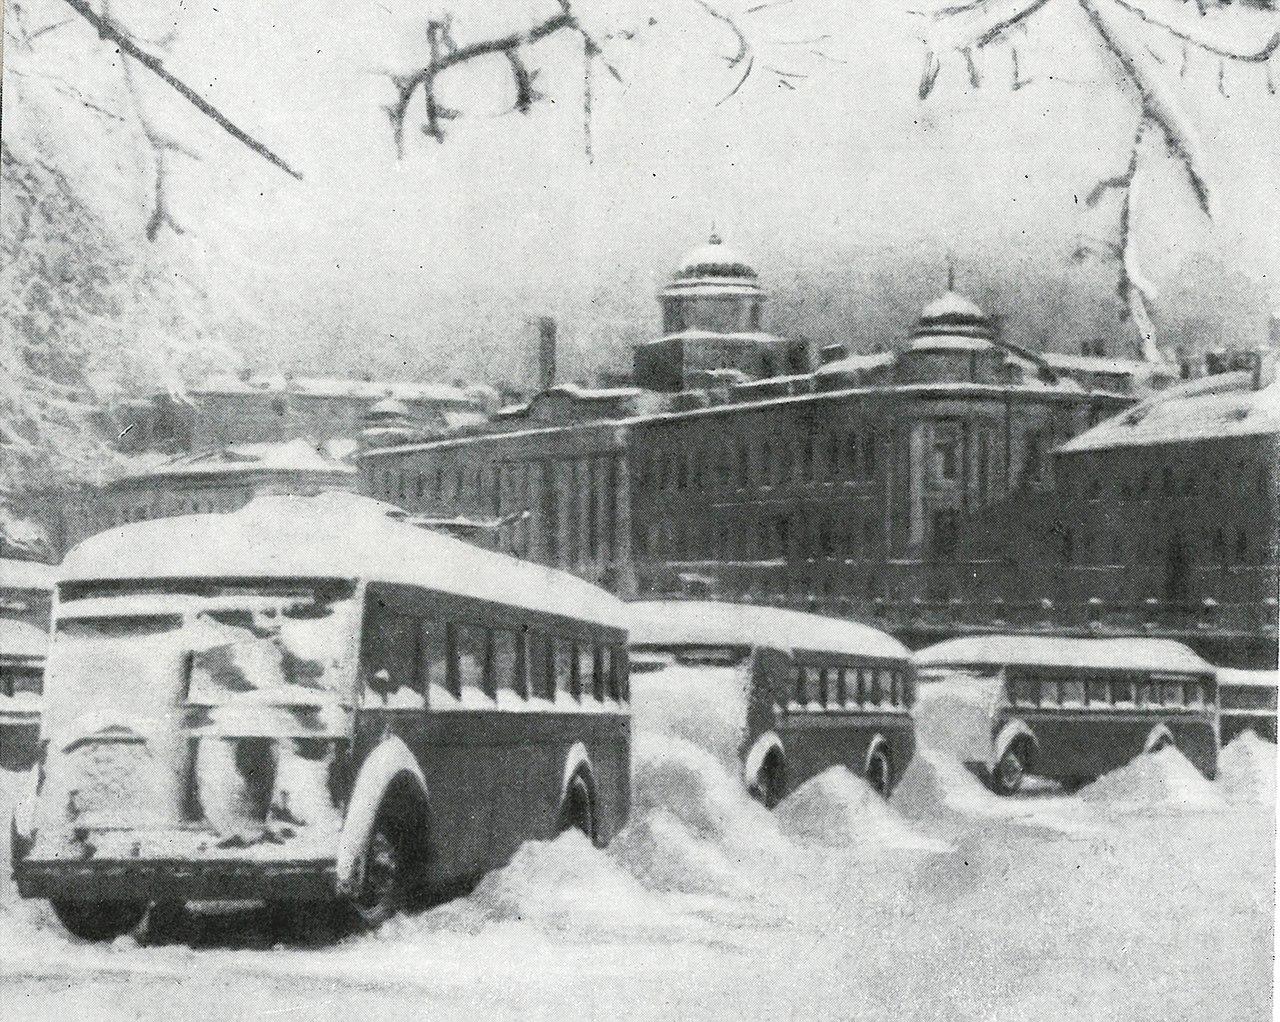 Фото из книги «Дорога жизни», 1959 г. (А. Сапаров)